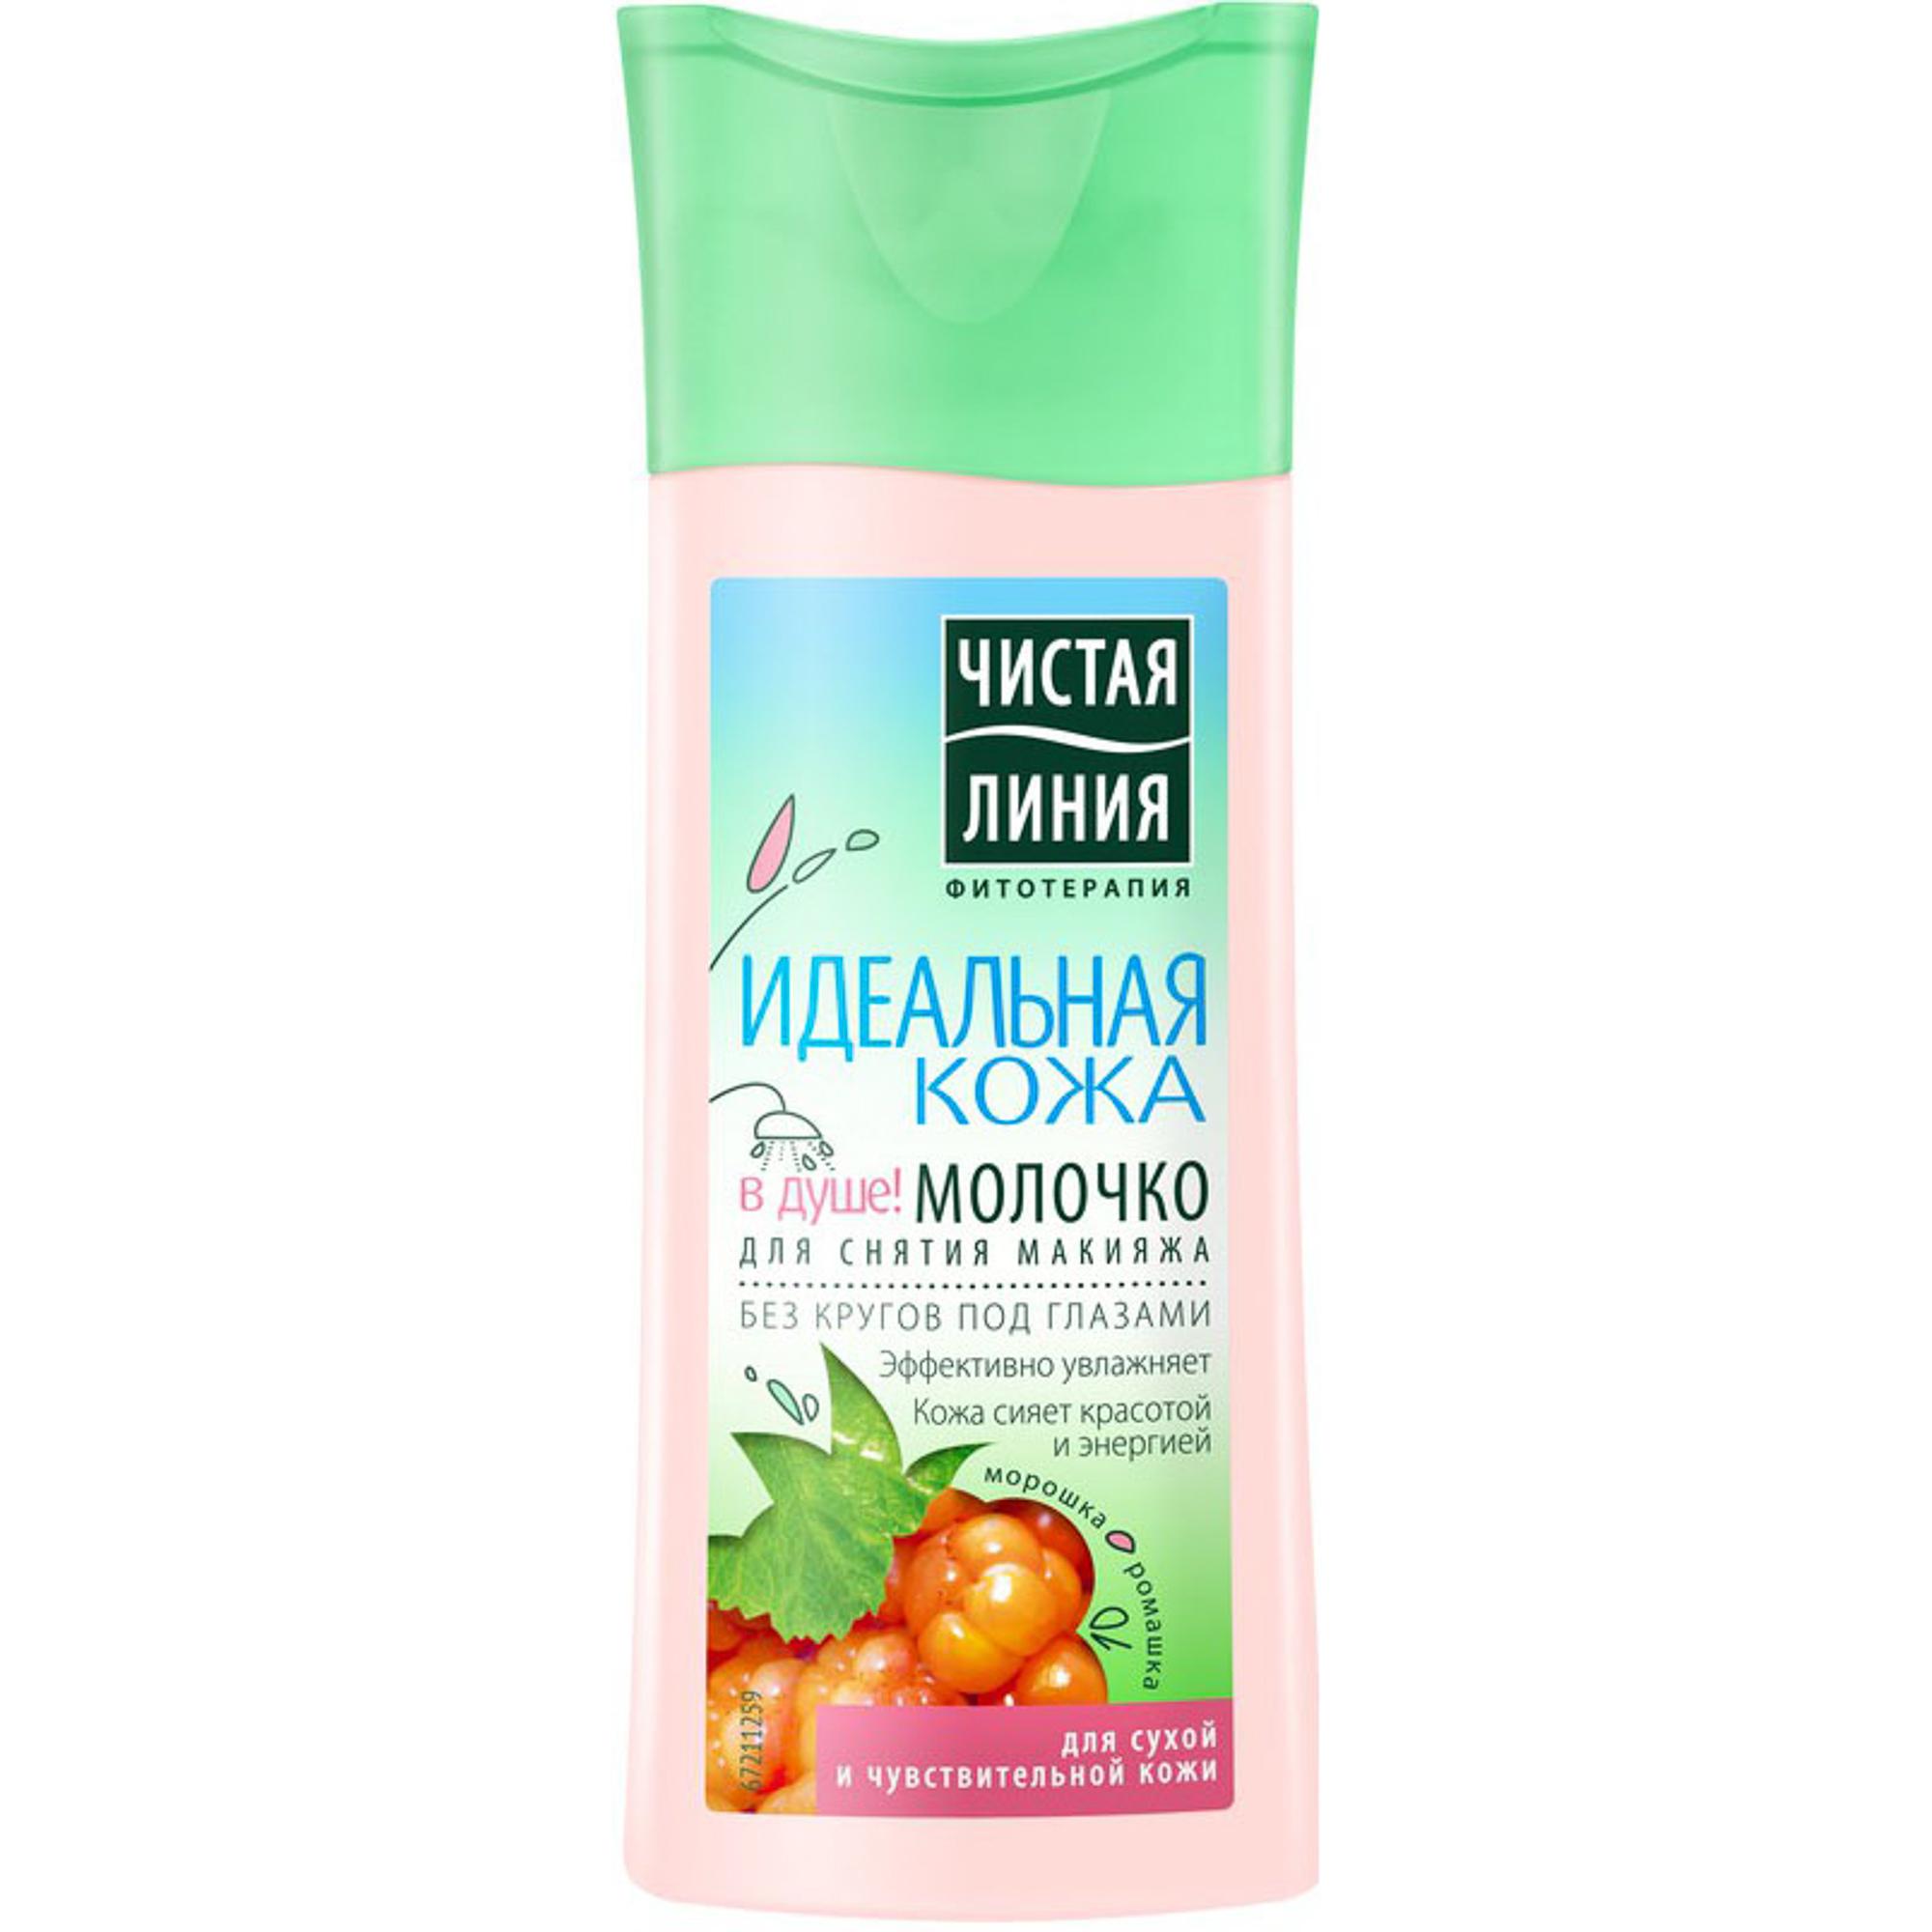 Молочко для снятия макияжа Чистая Линия Идеальная кожа 100 мл